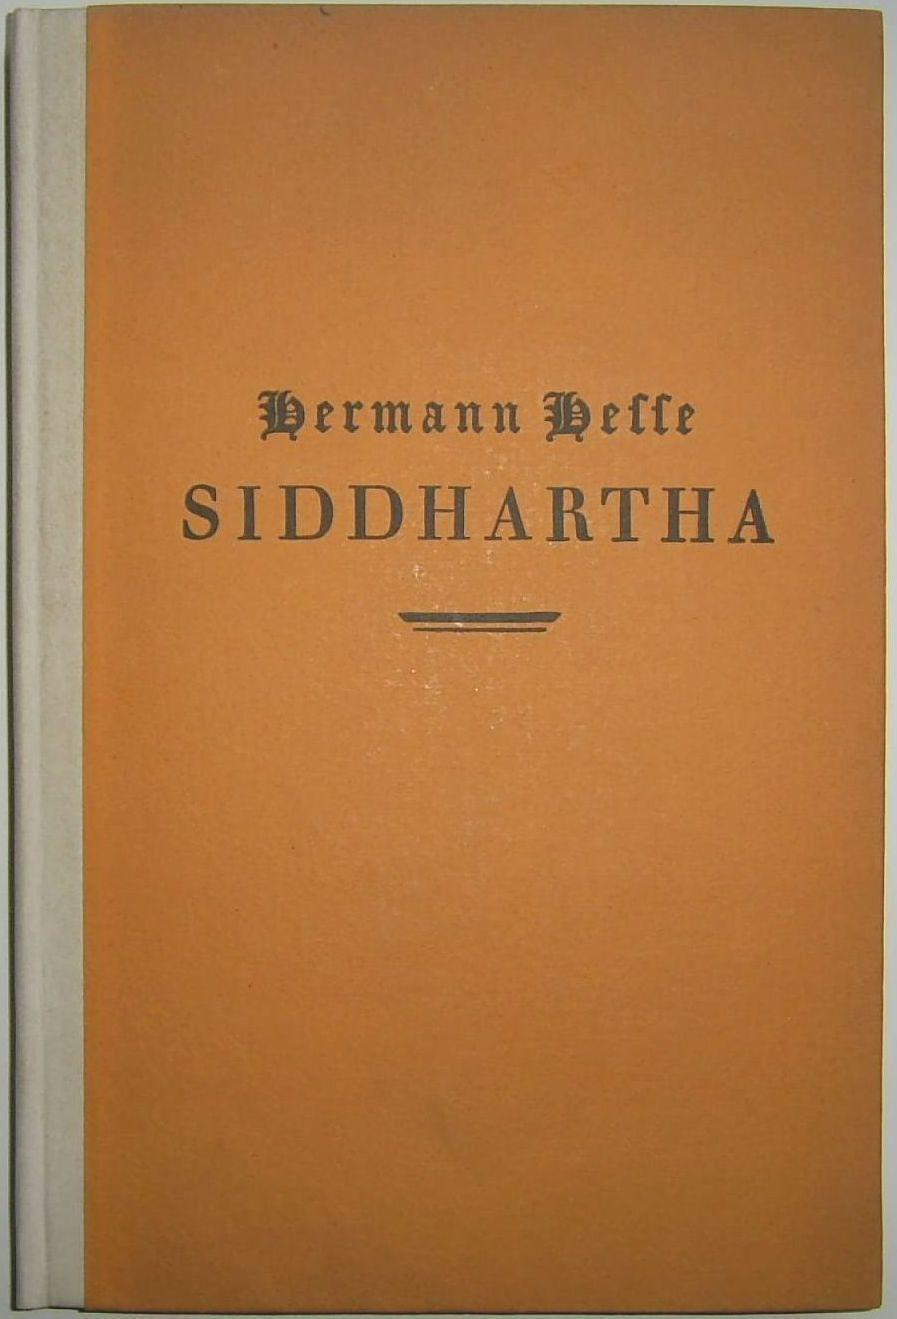 siddhartha summary